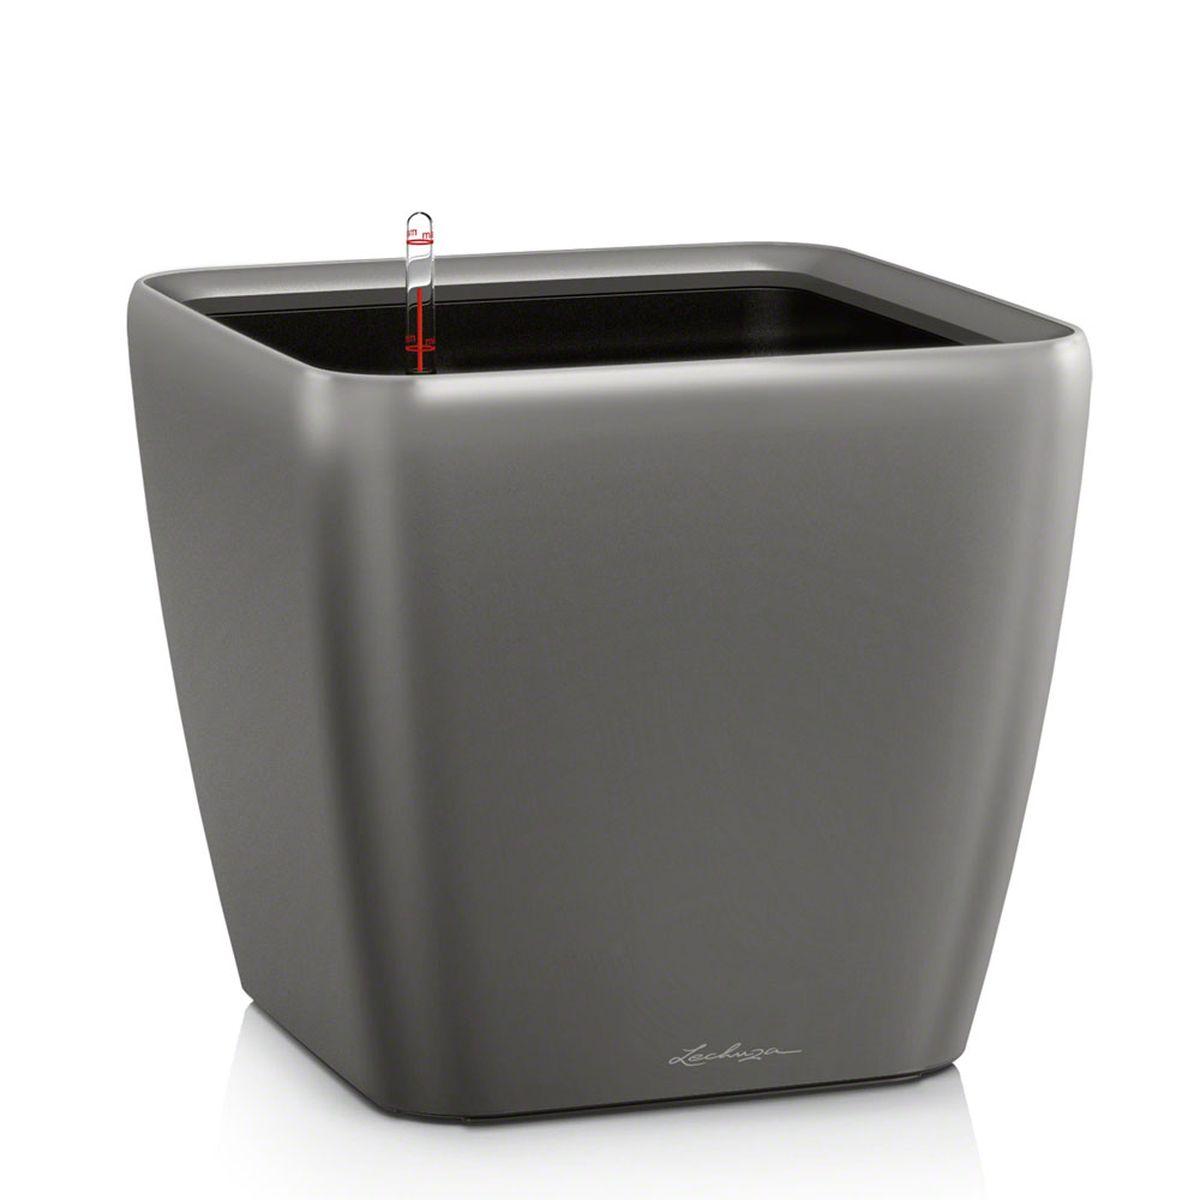 Кашпо Lechuza Quadro, с системой автополива, цвет: антрацит, 28 х 28 х 26 см16143Кашпо Lechuza Quadro, выполненное из высококачественного пластика, имеет уникальную систему автополива, благодаря которой корневая система растения непрерывно снабжается влагой из резервуара. Уровень воды в резервуаре контролируется с помощью специального индикатора. В зависимости от размера кашпо и растения воды хватает на 2-12 недель. Это способствует хорошему росту цветов и предотвращает переувлажнение. В набор входит: кашпо, внутренний горшок с выдвижной эргономичной ручкой, индикатор уровня воды, вал подачи воды, субстрат растений в качестве дренажного слоя, резервуар для воды. Кашпо Lechuza Quadro прекрасно впишется в любой интерьер. Оно поможет расставить нужные акценты, а также придаст помещению вид, соответствующий вашим представлениям.